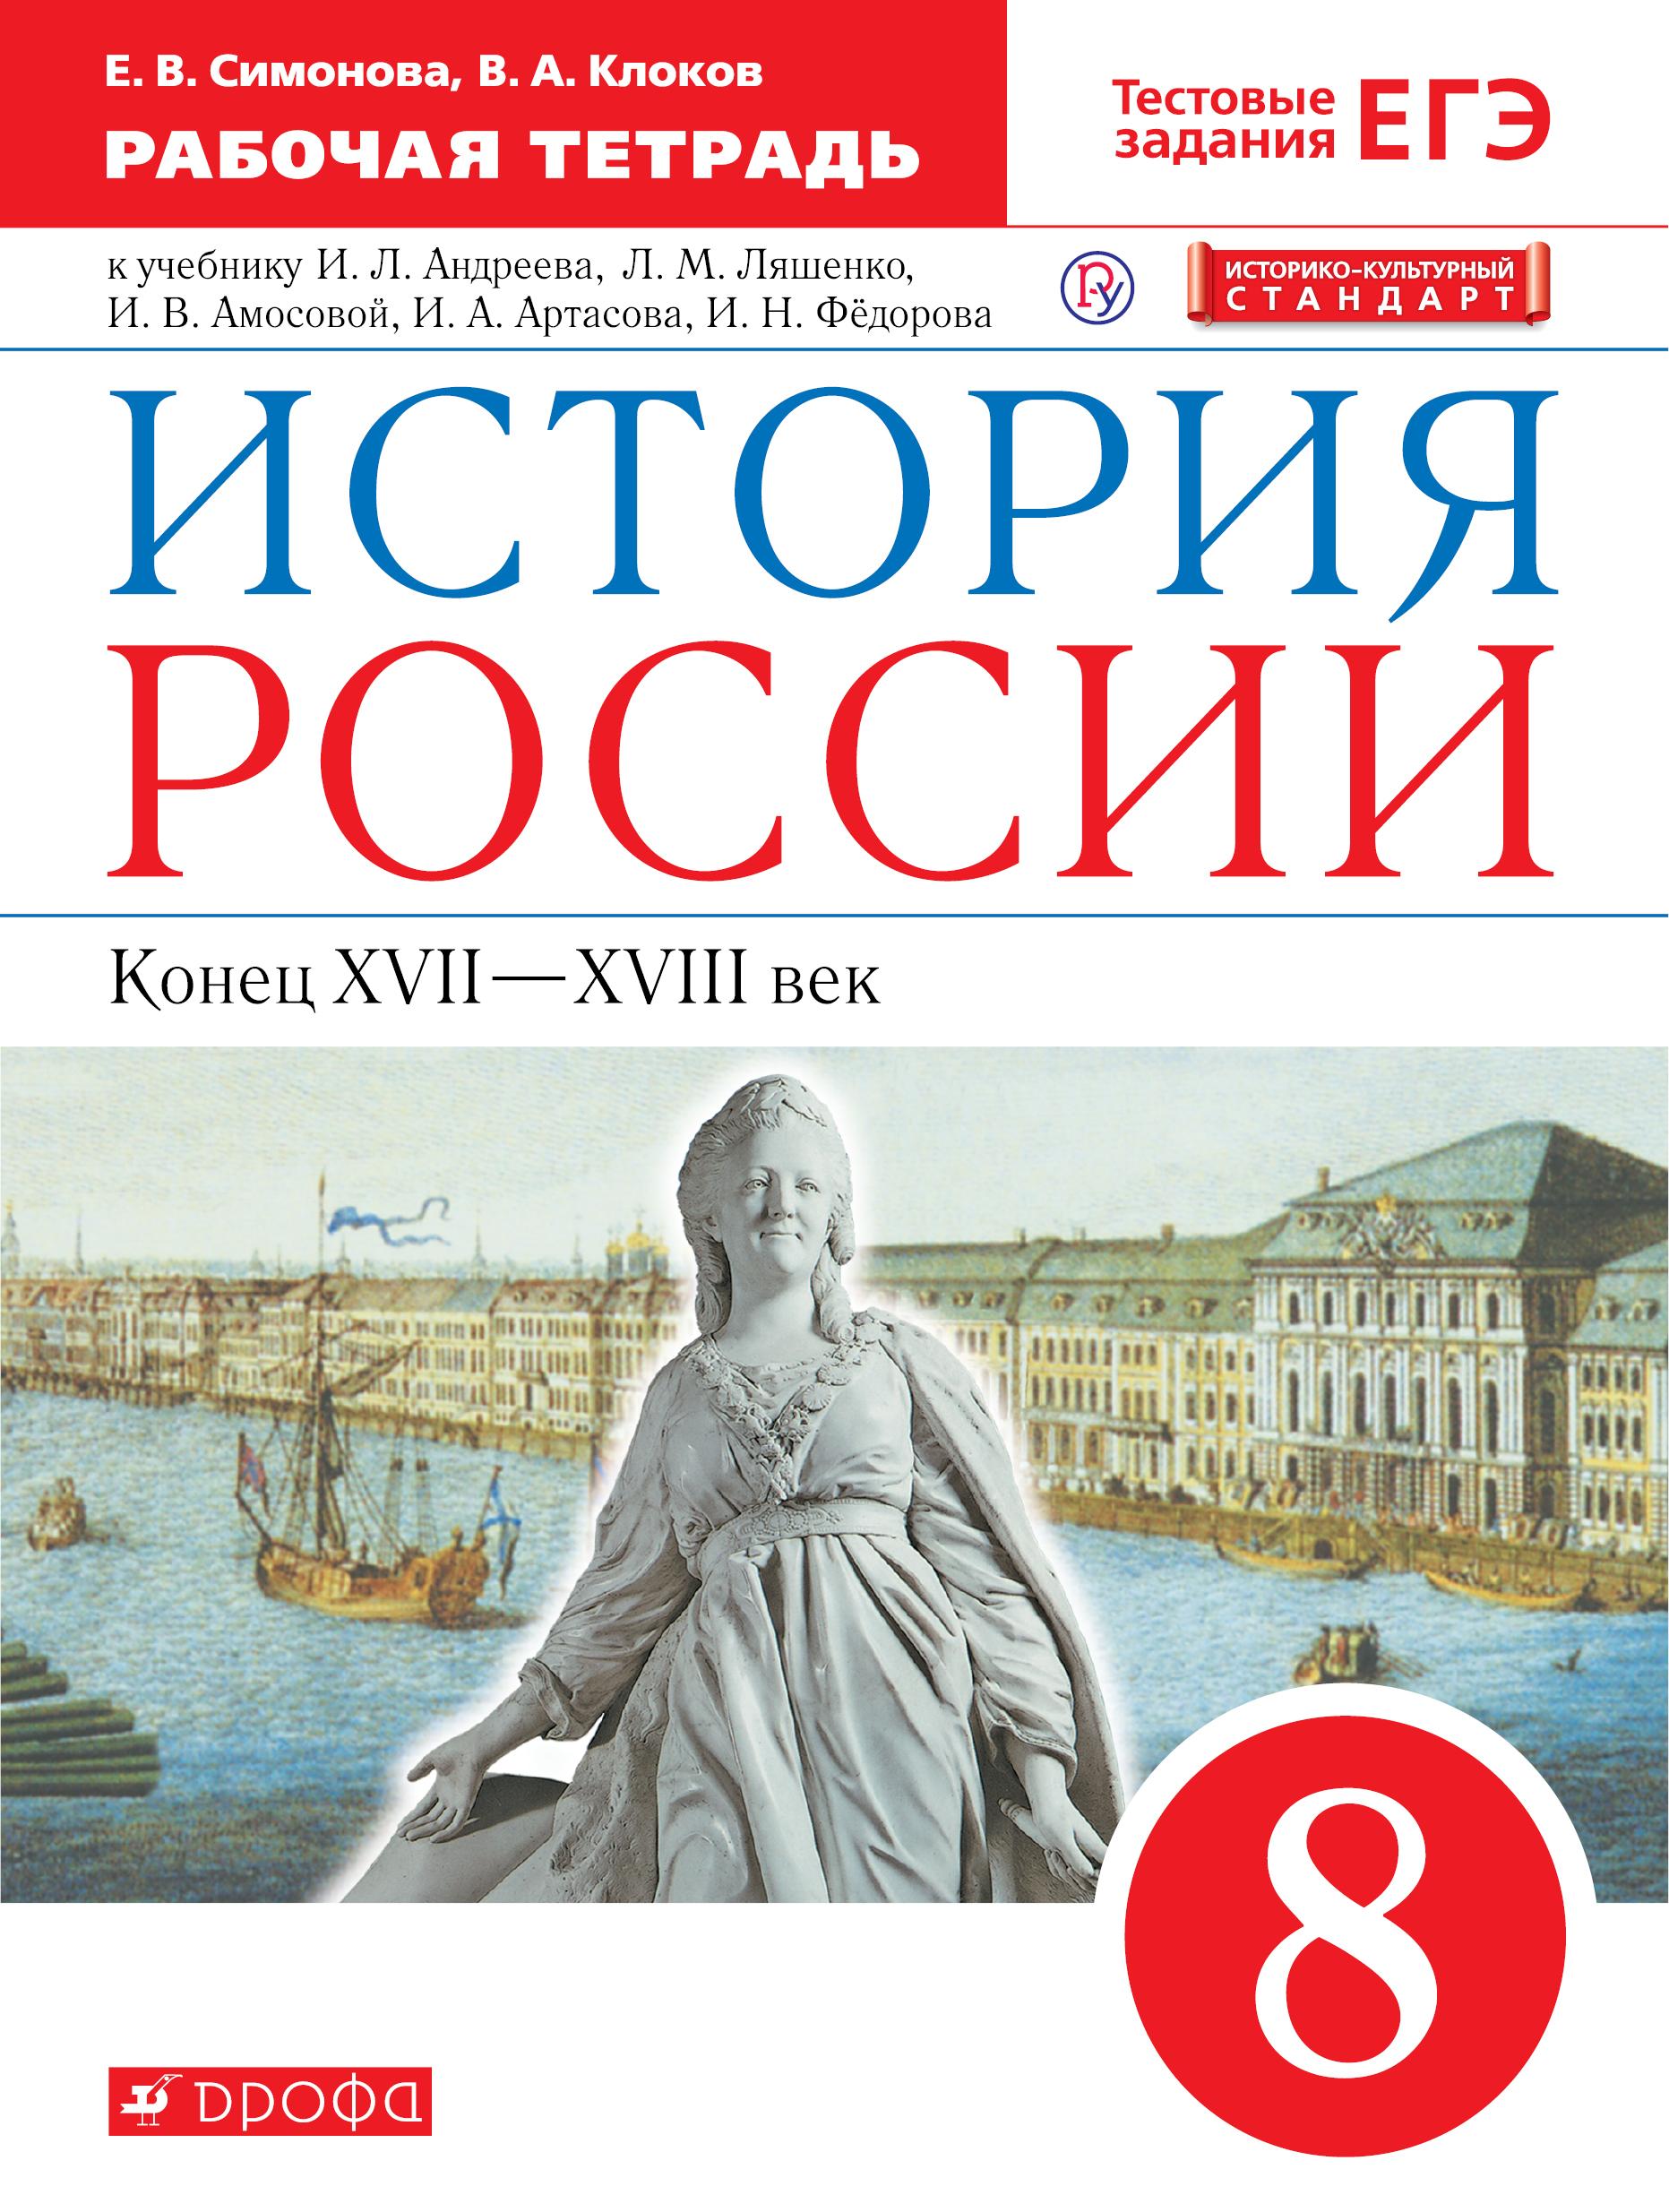 Симонова Е.В., Клоков В.А. История России. 8 класс. Рабочая тетрадь.